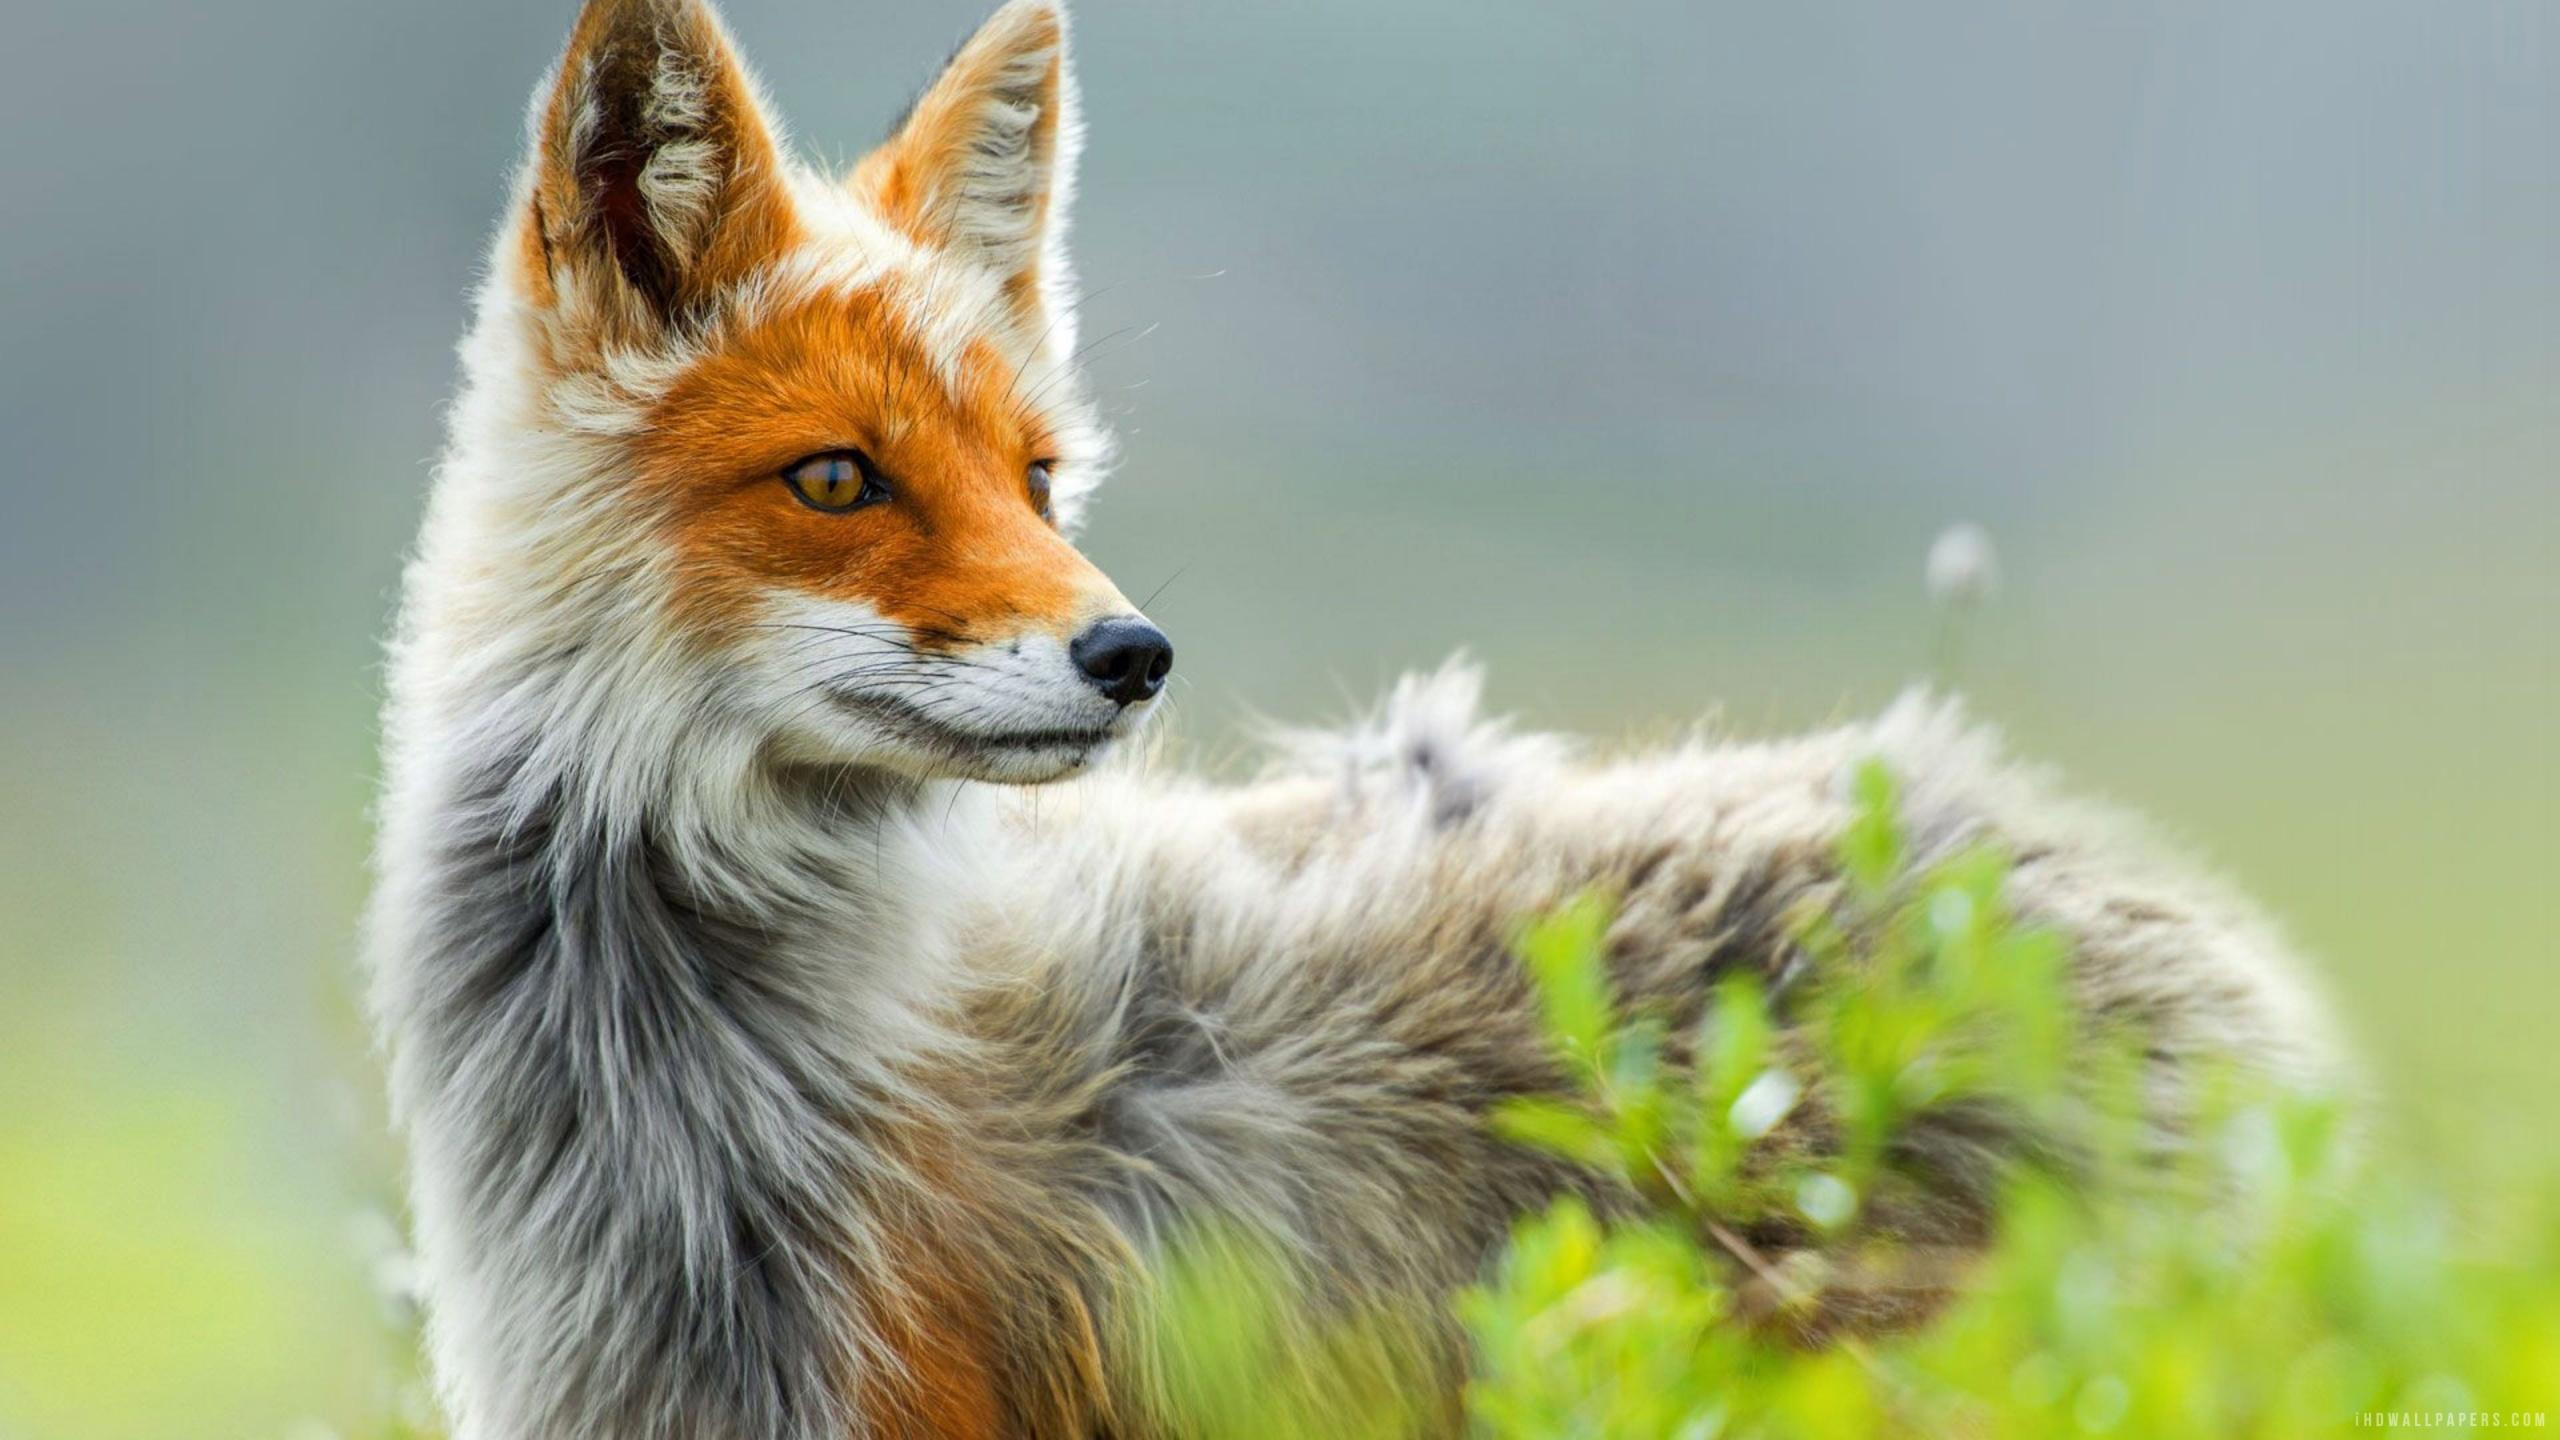 Wild Fox Art, HD Artist, 4k Wallpapers, Images